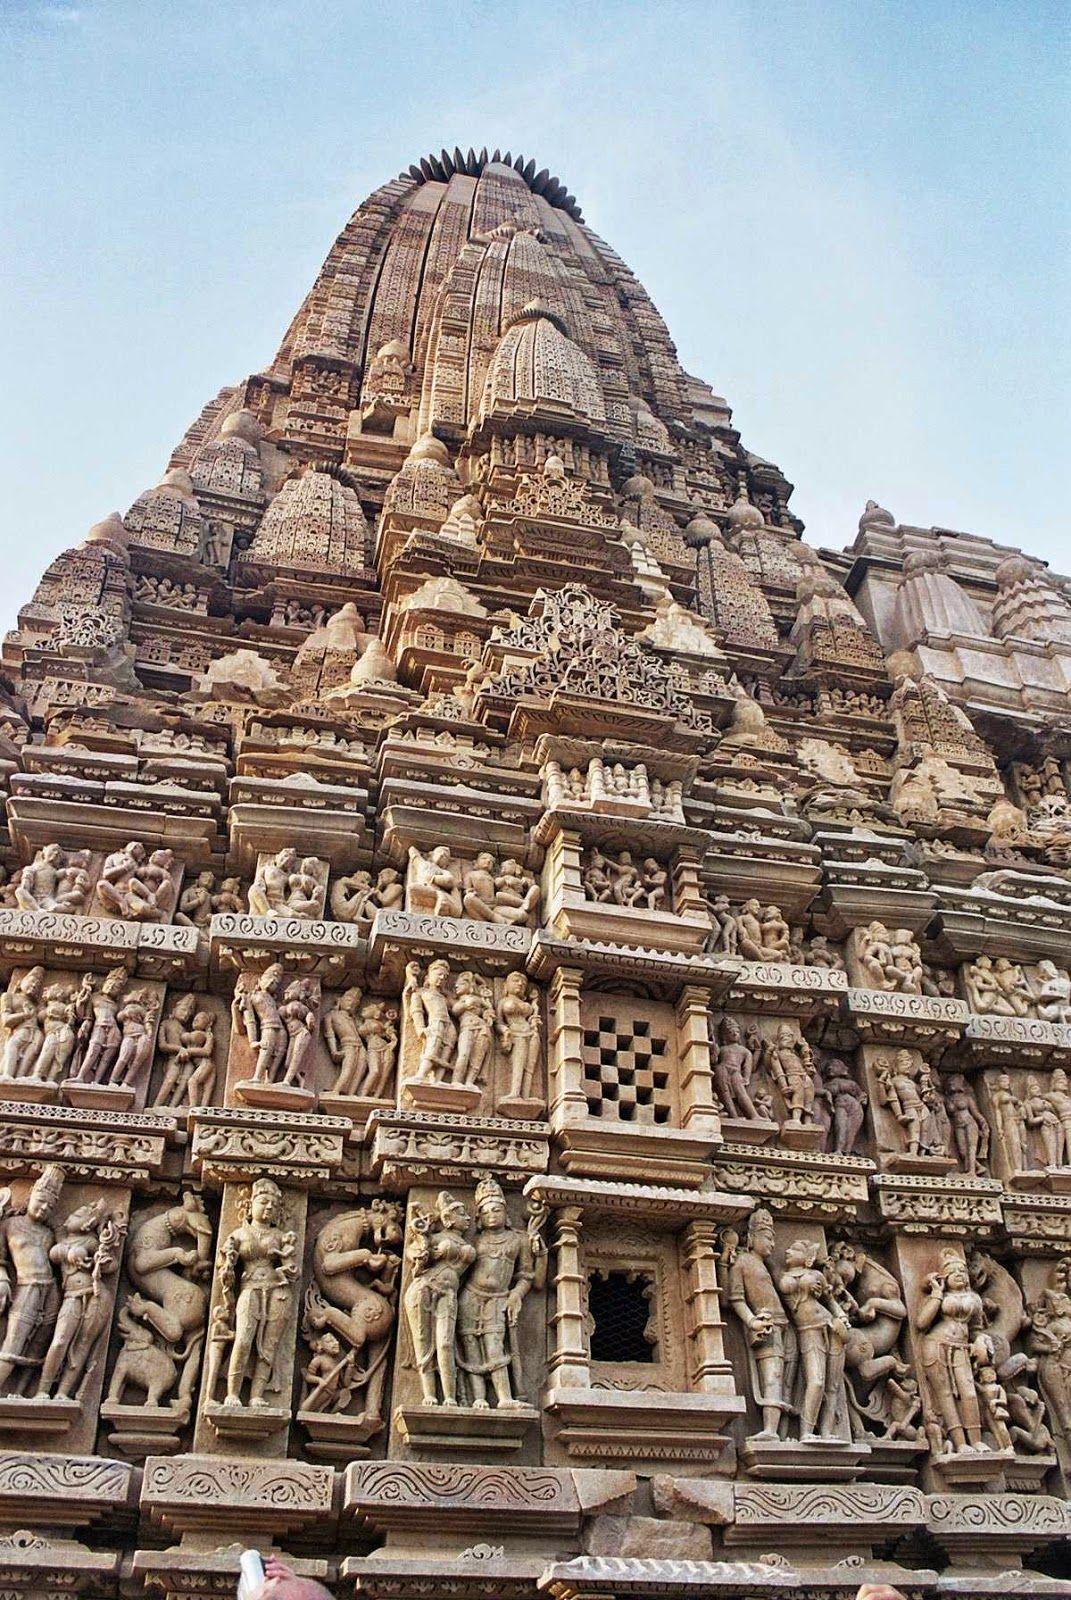 Influencia Del Hinduismo En La Escultura Y Arquitectura De La India Viaje A Asia Arquitectura India Monumentos